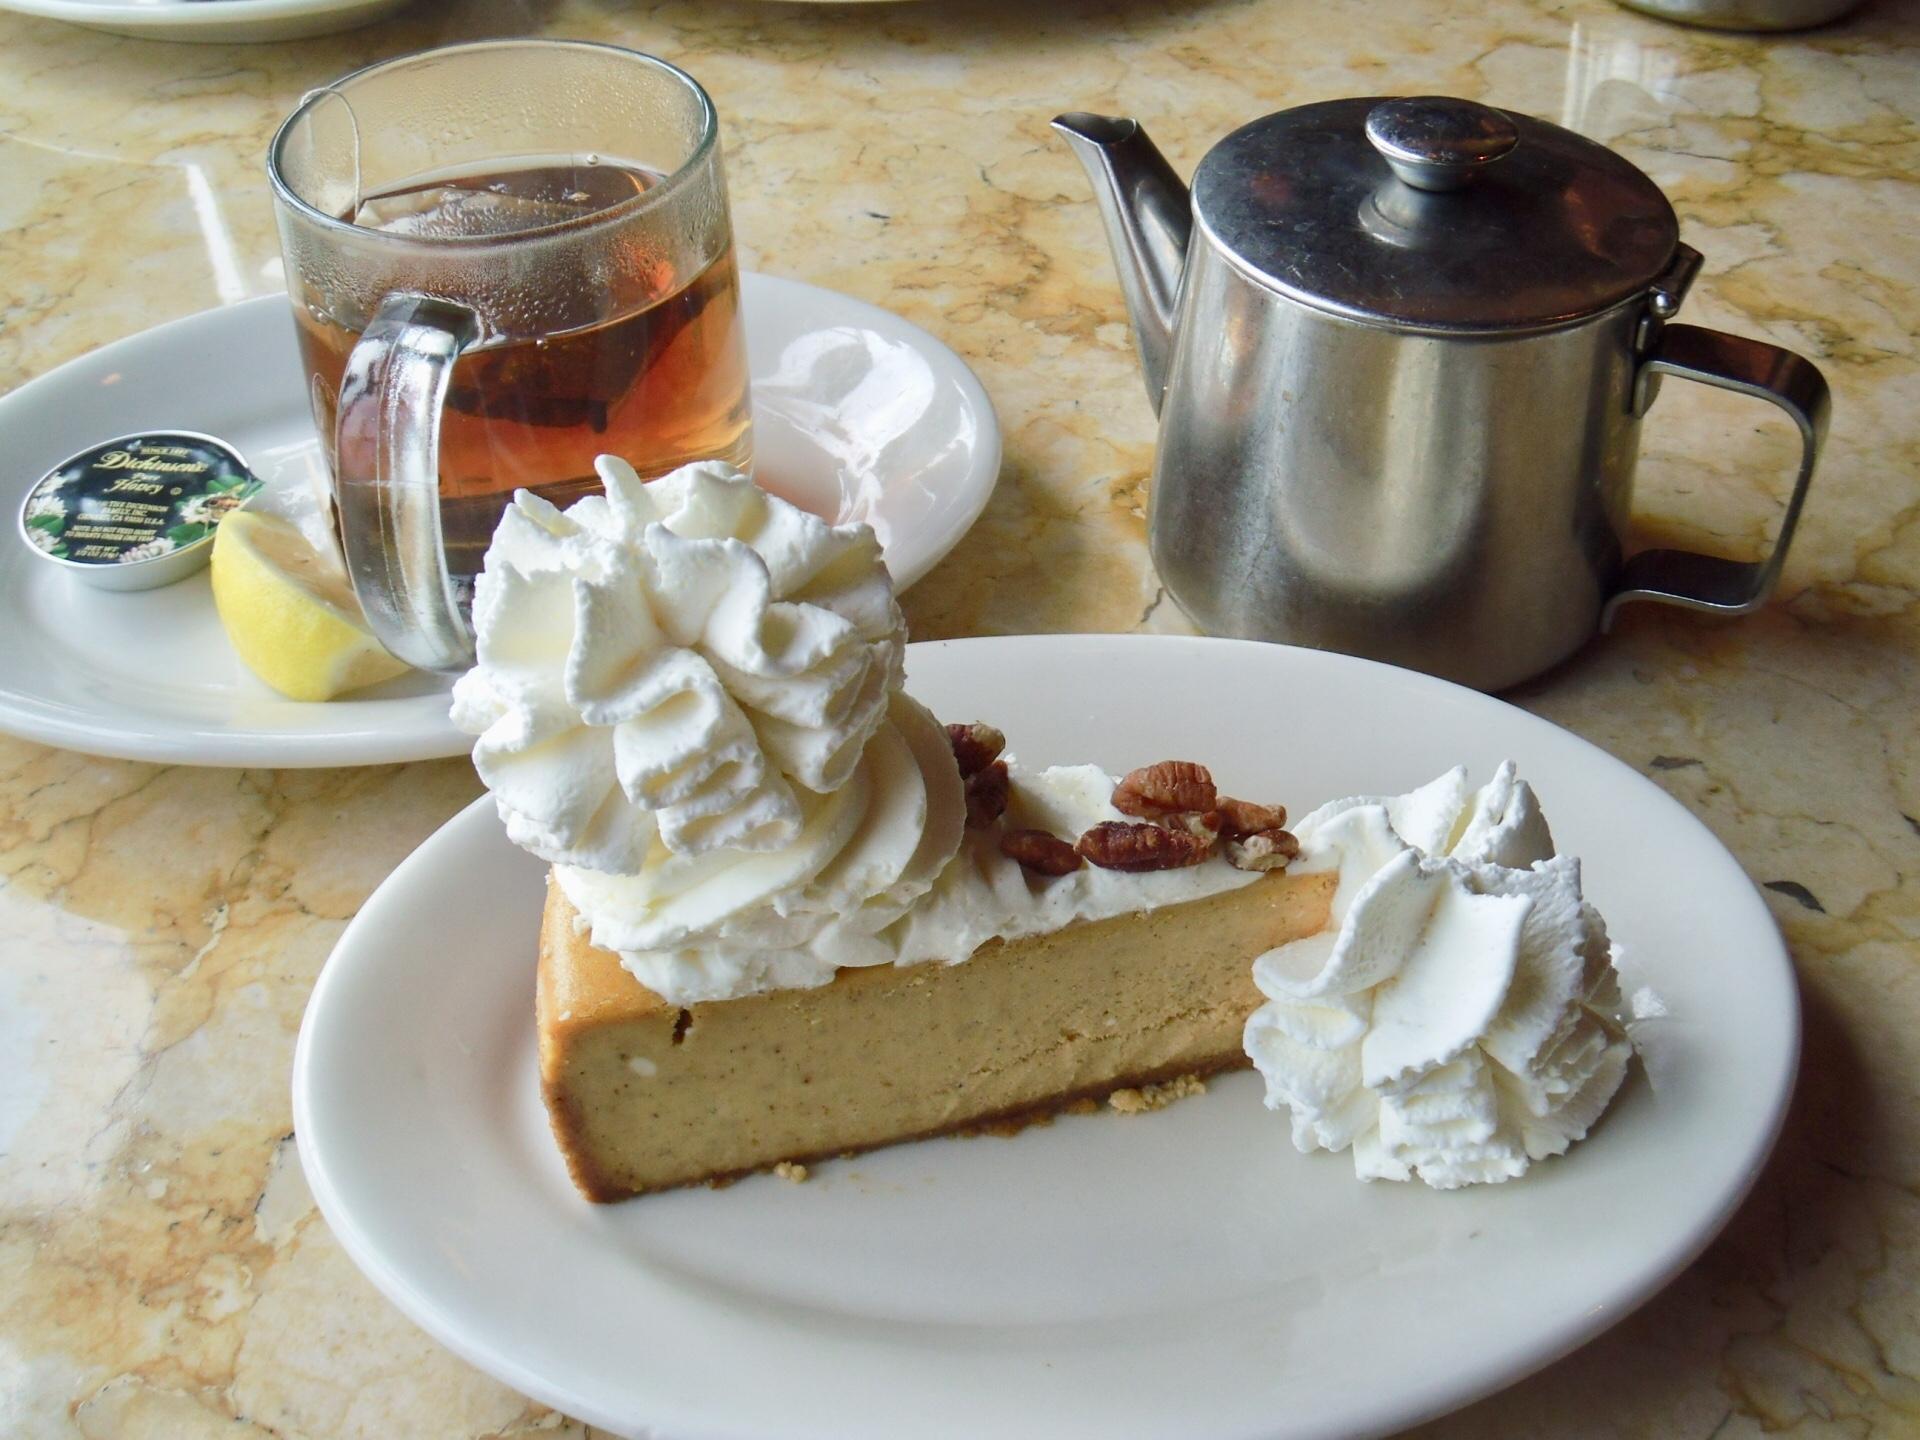 チーズケーキファクトリーはワイキキの人気レストラン!豊富なメニューが魅力!